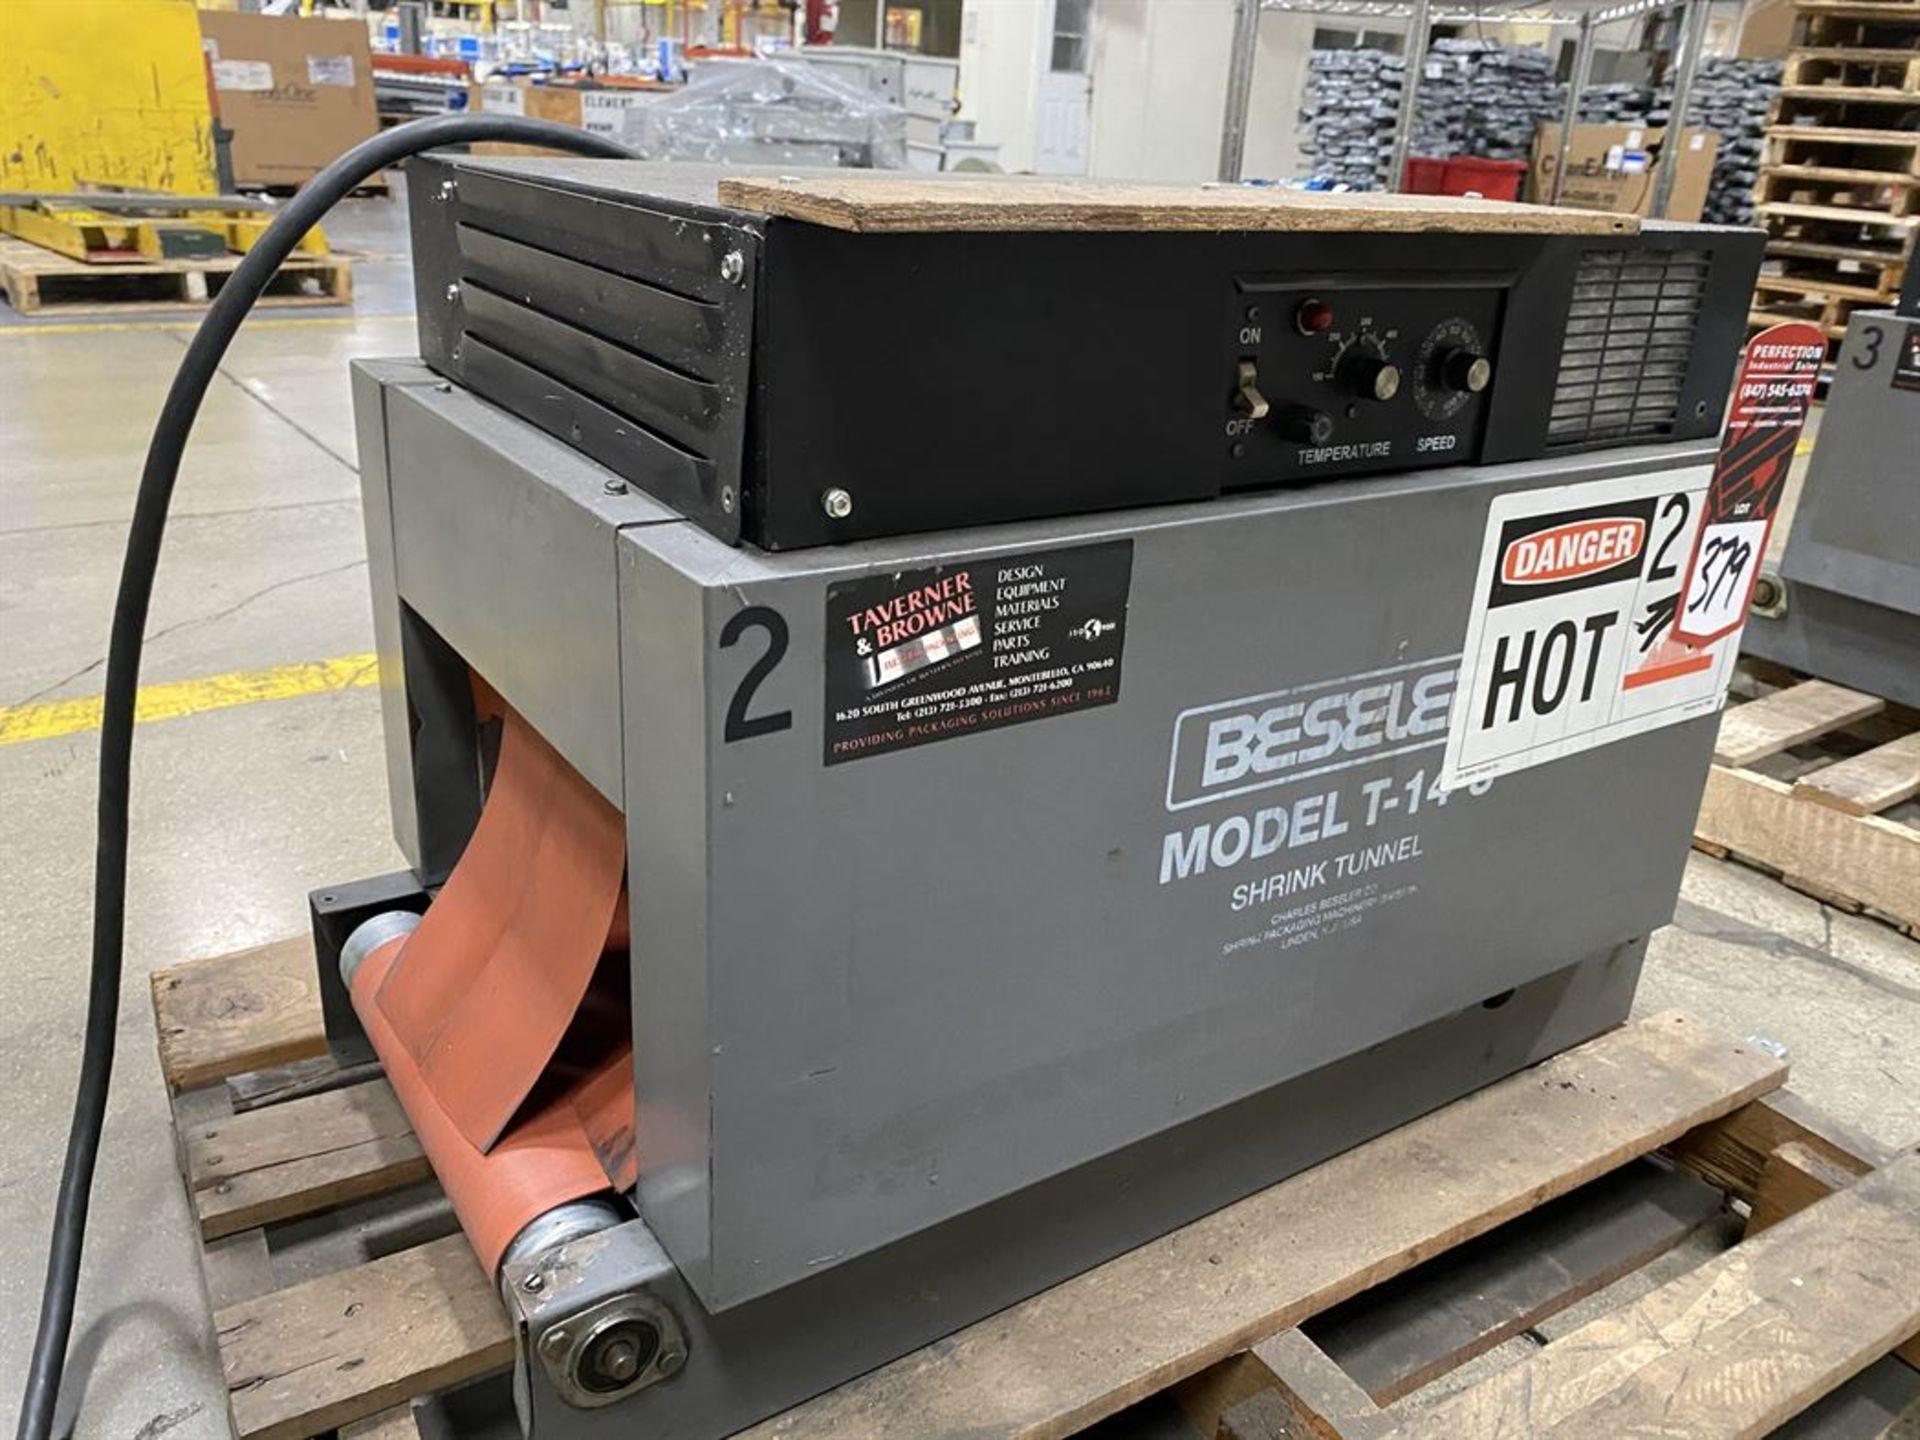 Lot 379 - Beseler T-14-8-D Heat Shrink Machine, s/n 11950950